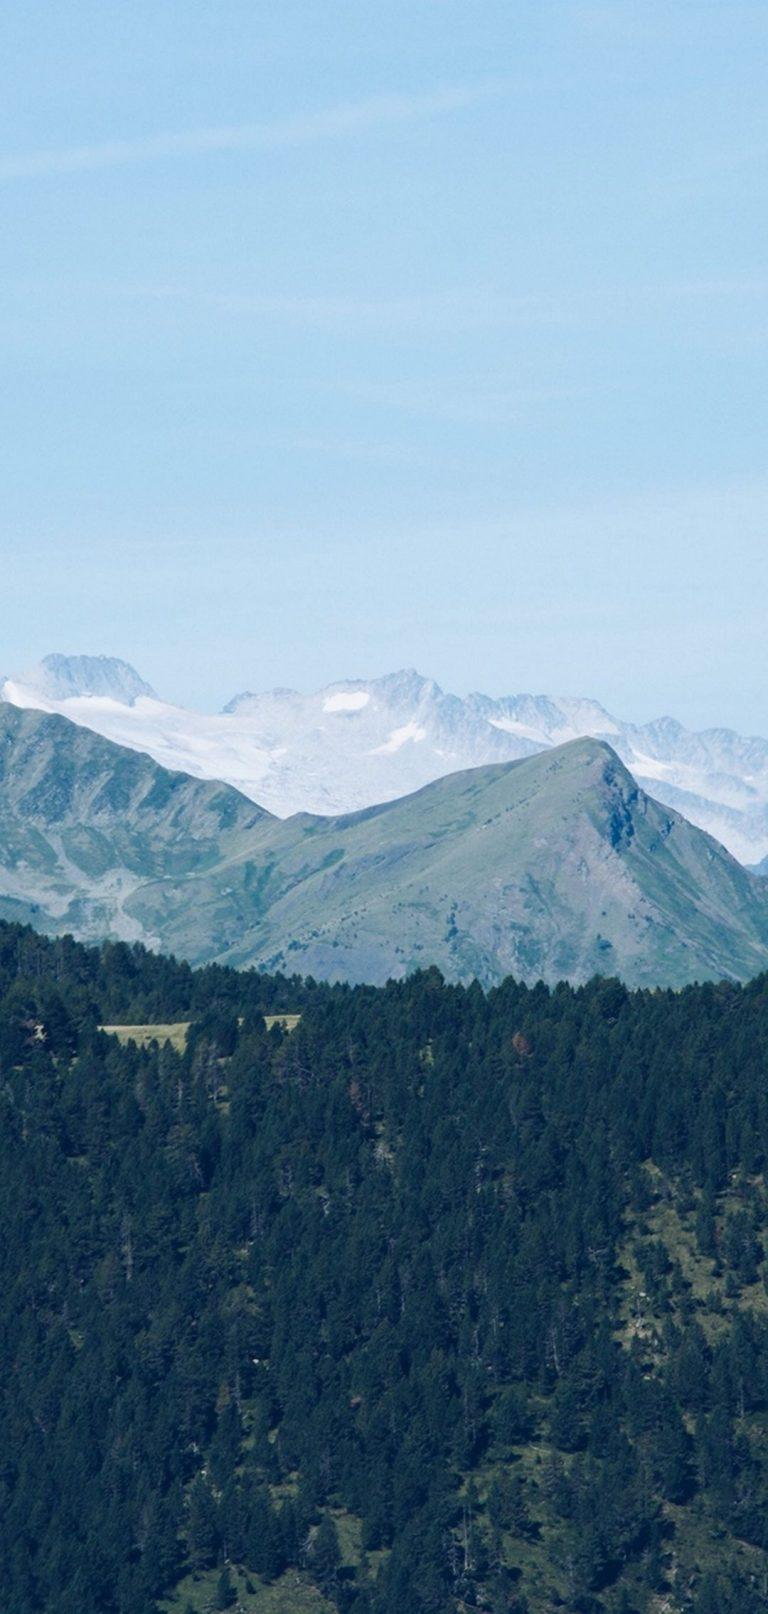 Mountain Range Mountains Trees Distance 1080x2270 768x1614